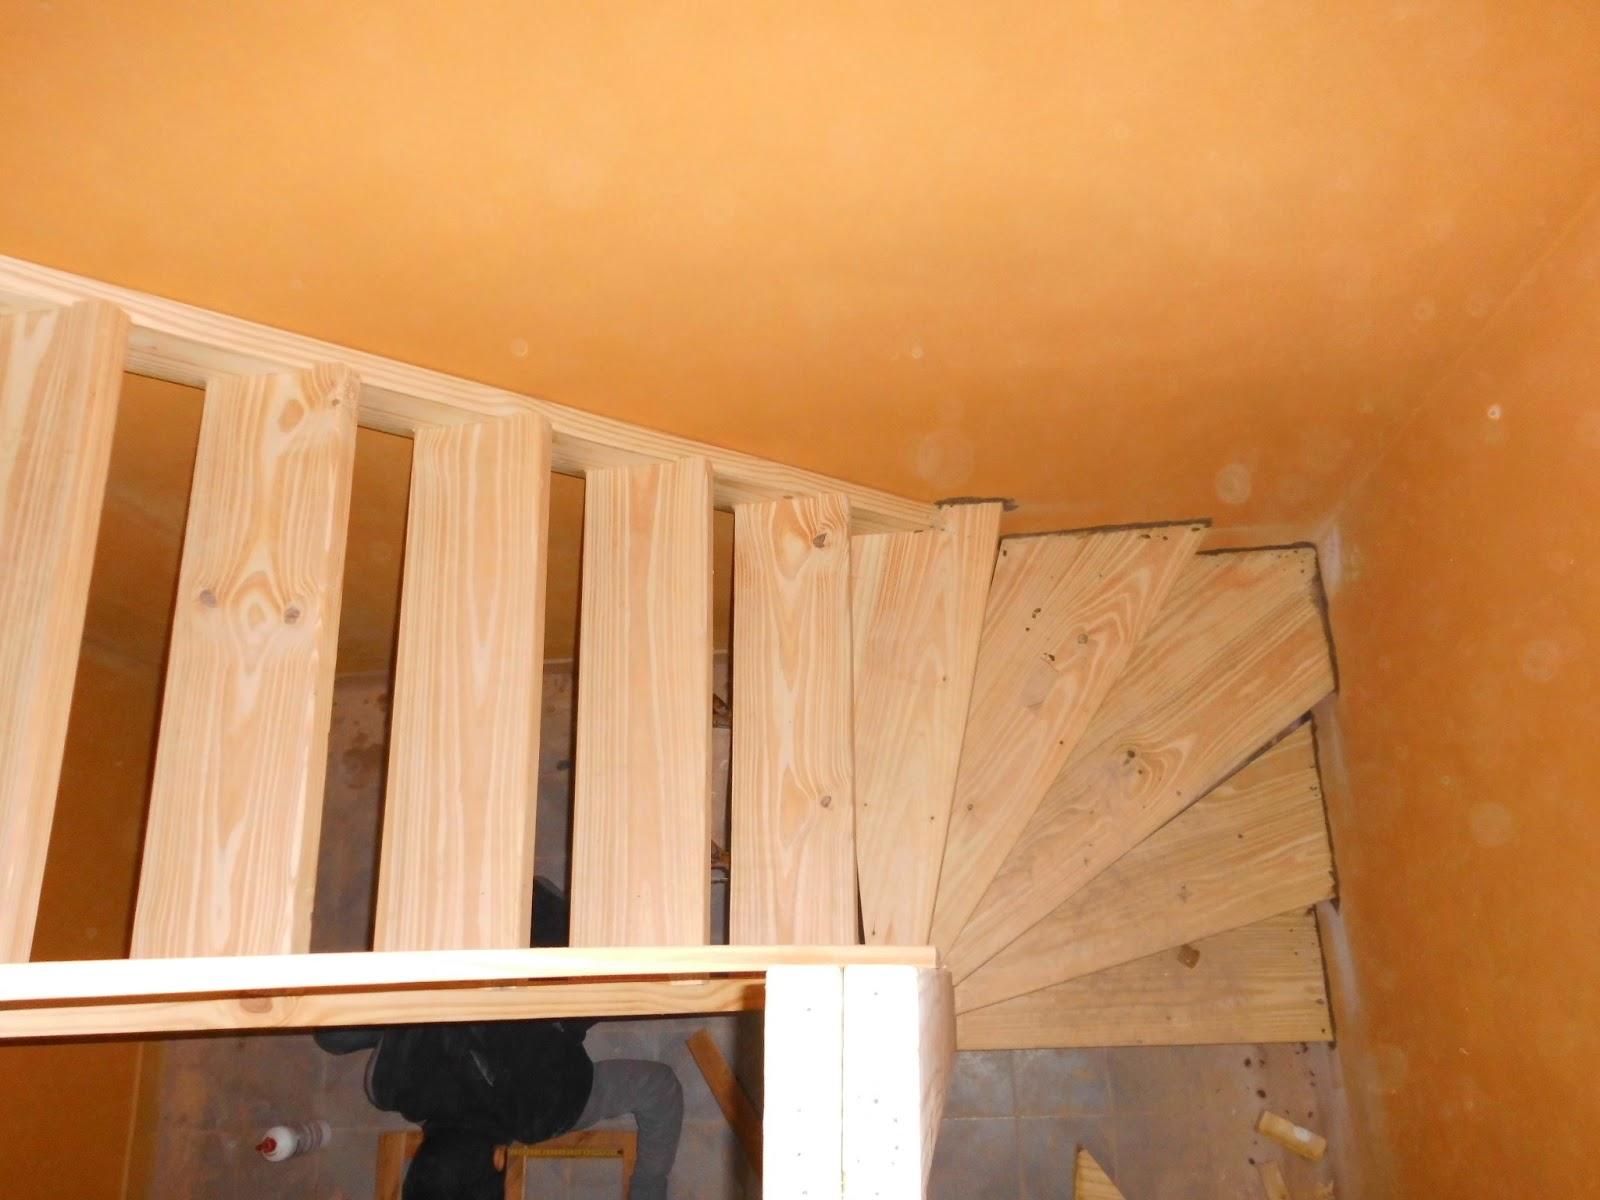 Entrepisos de madera escaleras escaleras - Escaleras forradas de madera ...